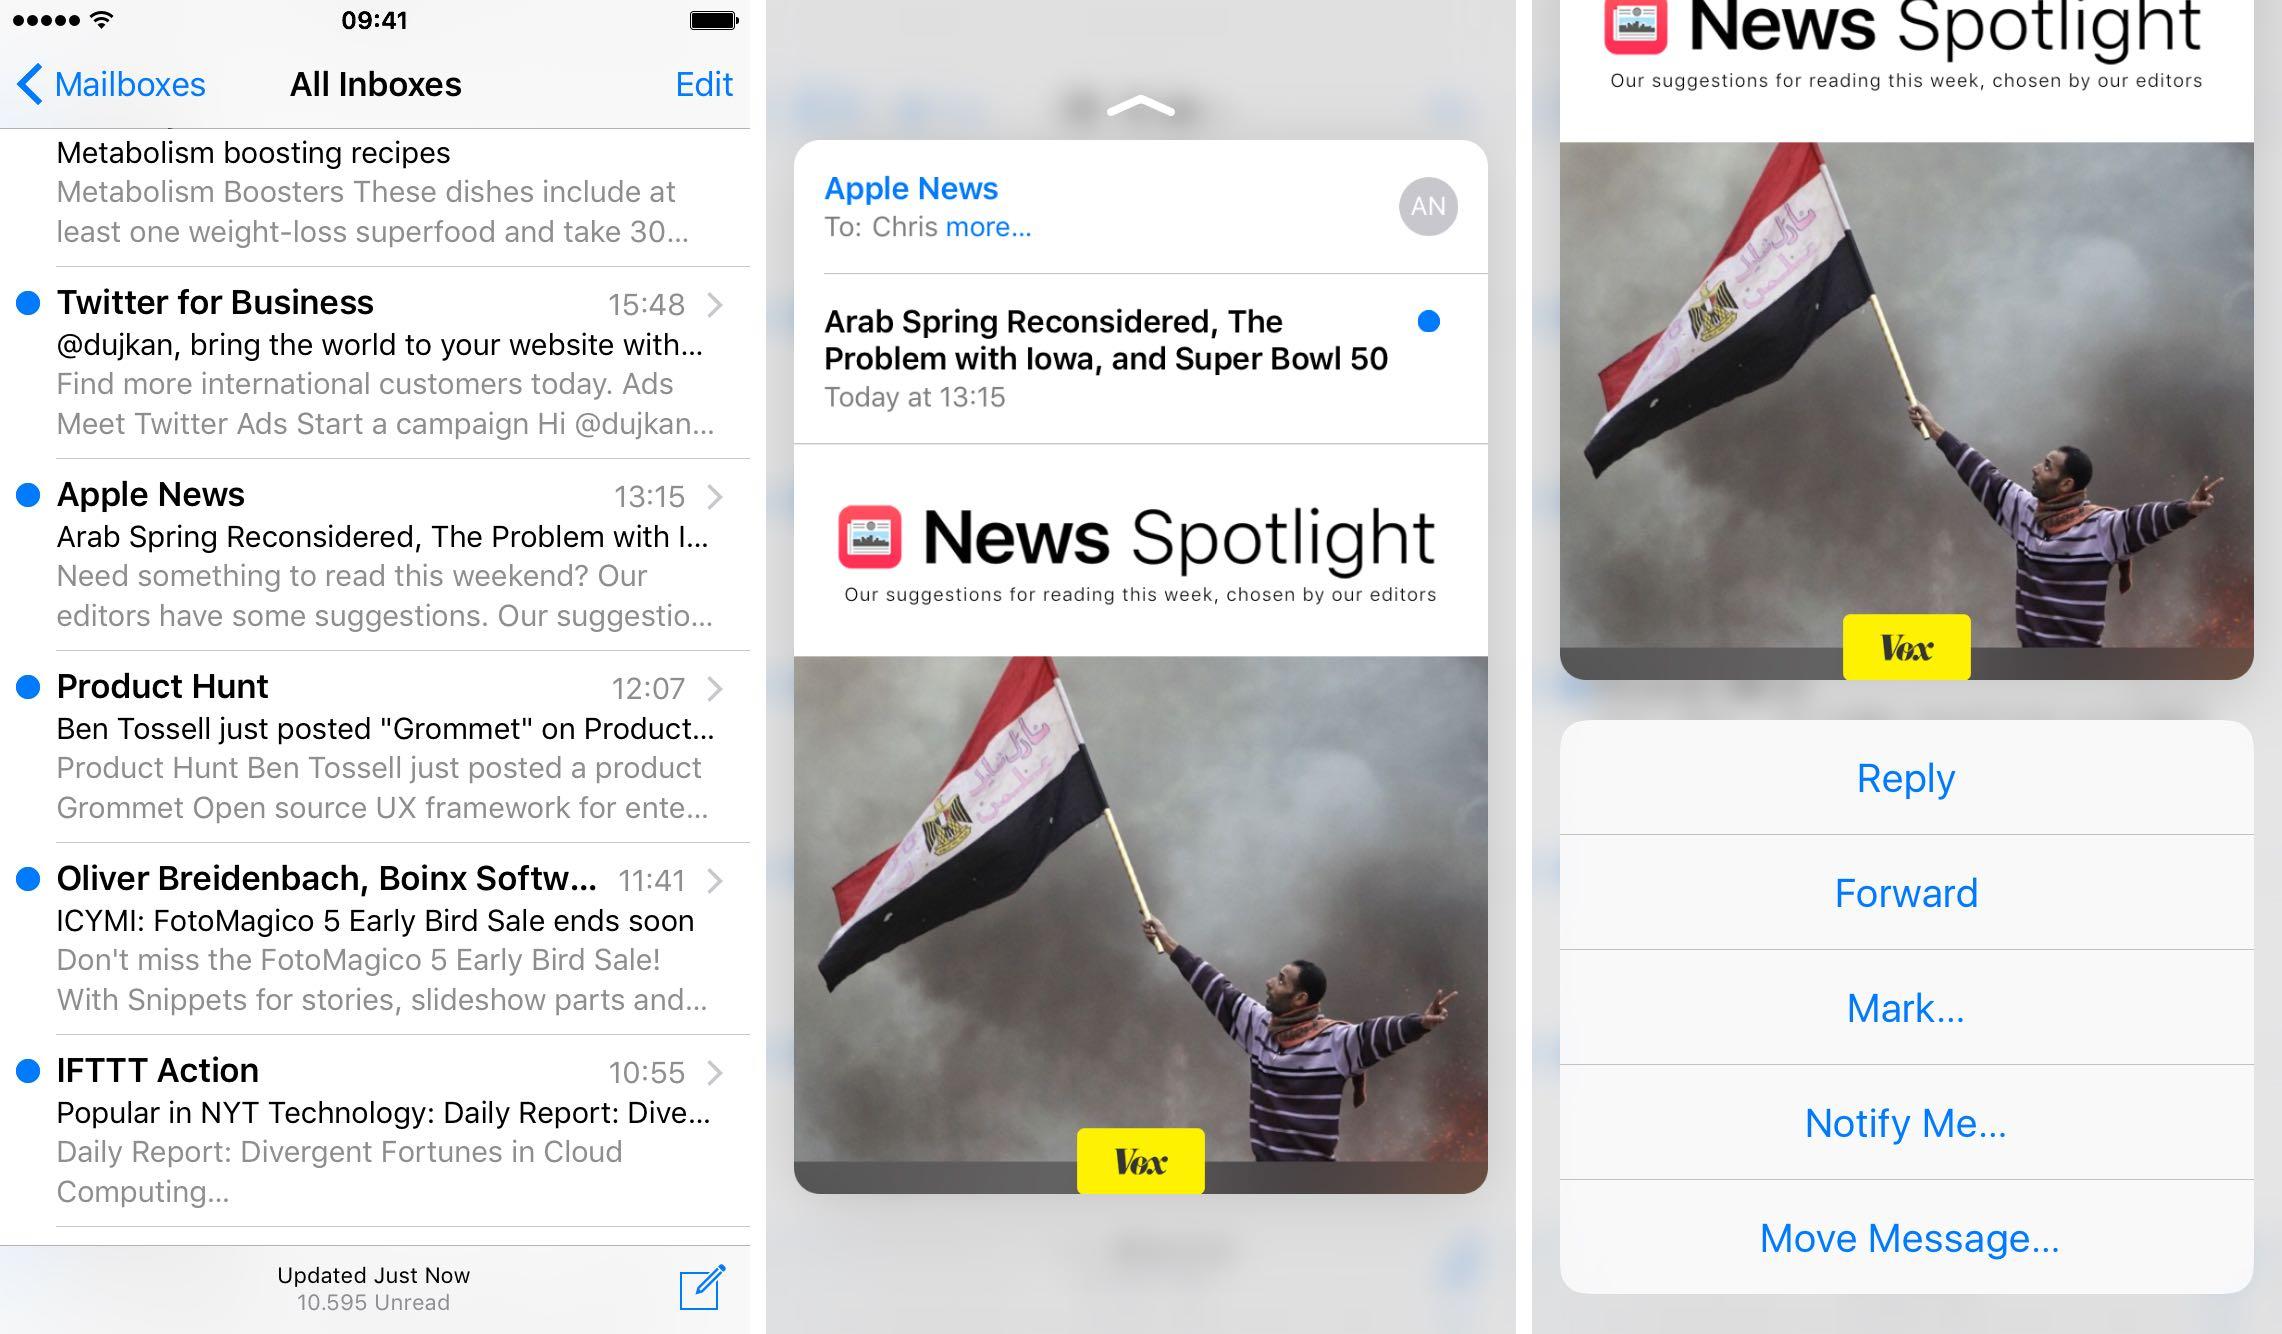 iOS 9 Mail 3D Touch vista previa de correos electrónicos iPhone 6s captura de pantalla 002